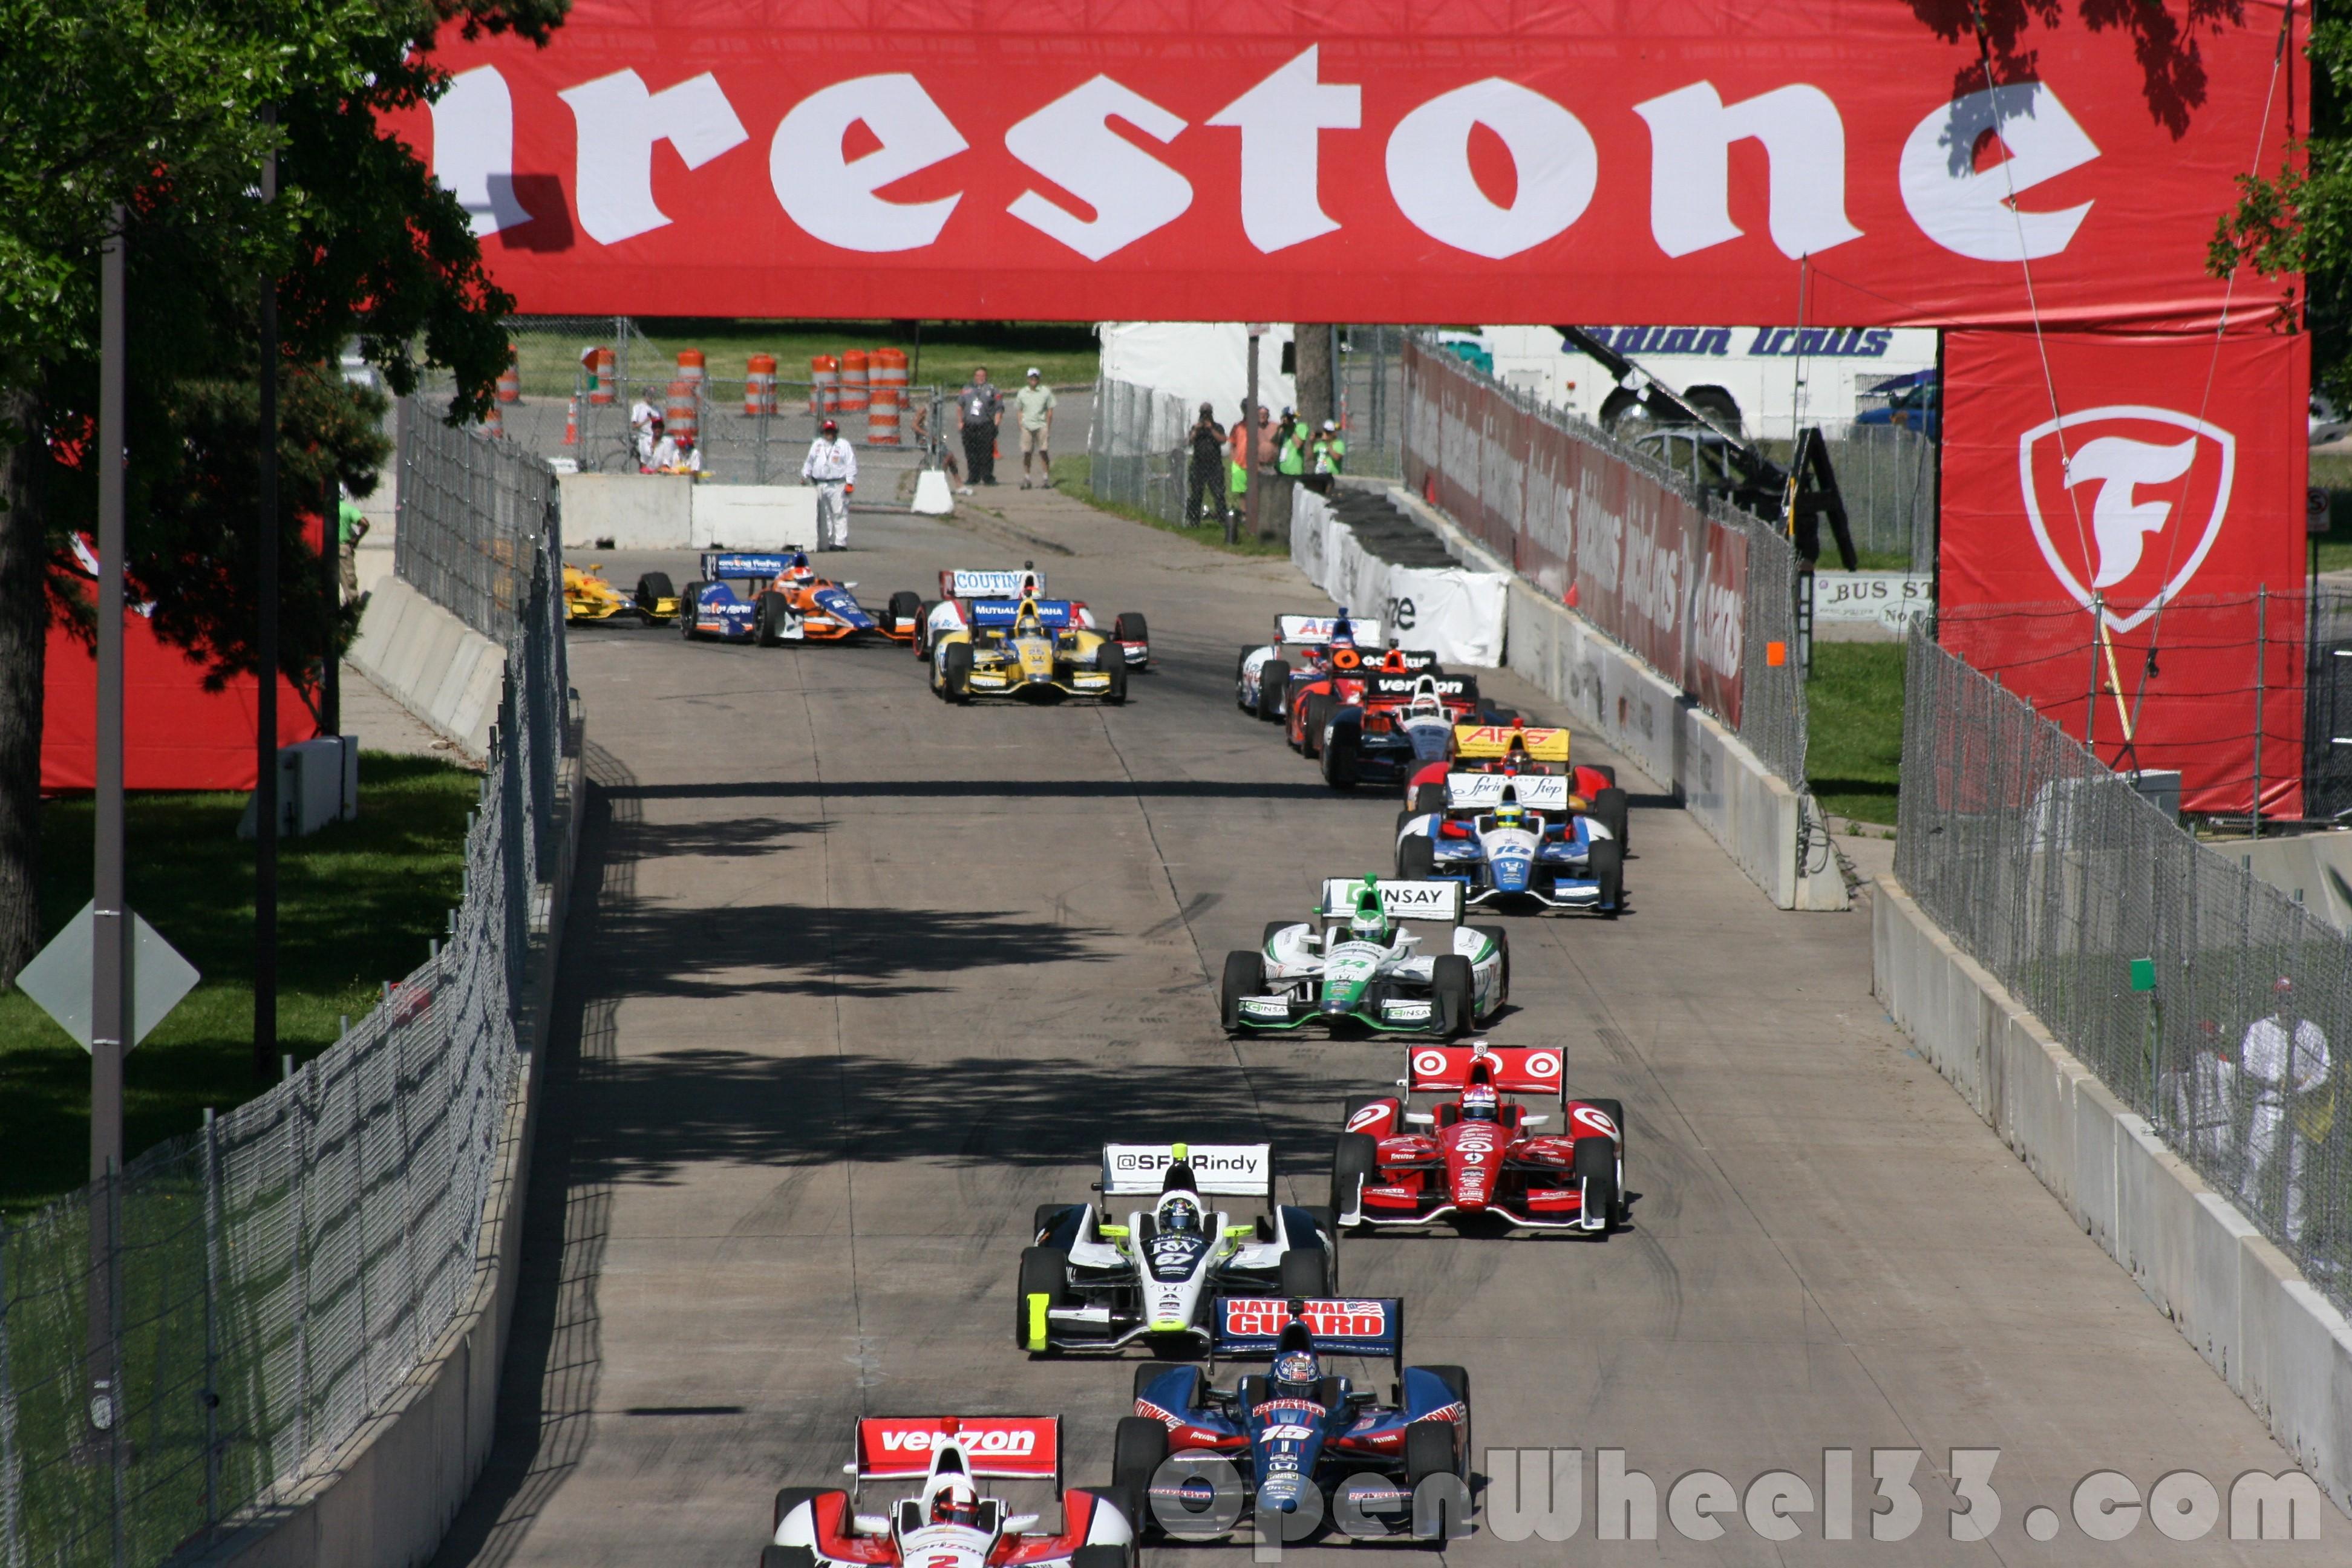 2014 Detroit GP R1 - 41 - PH